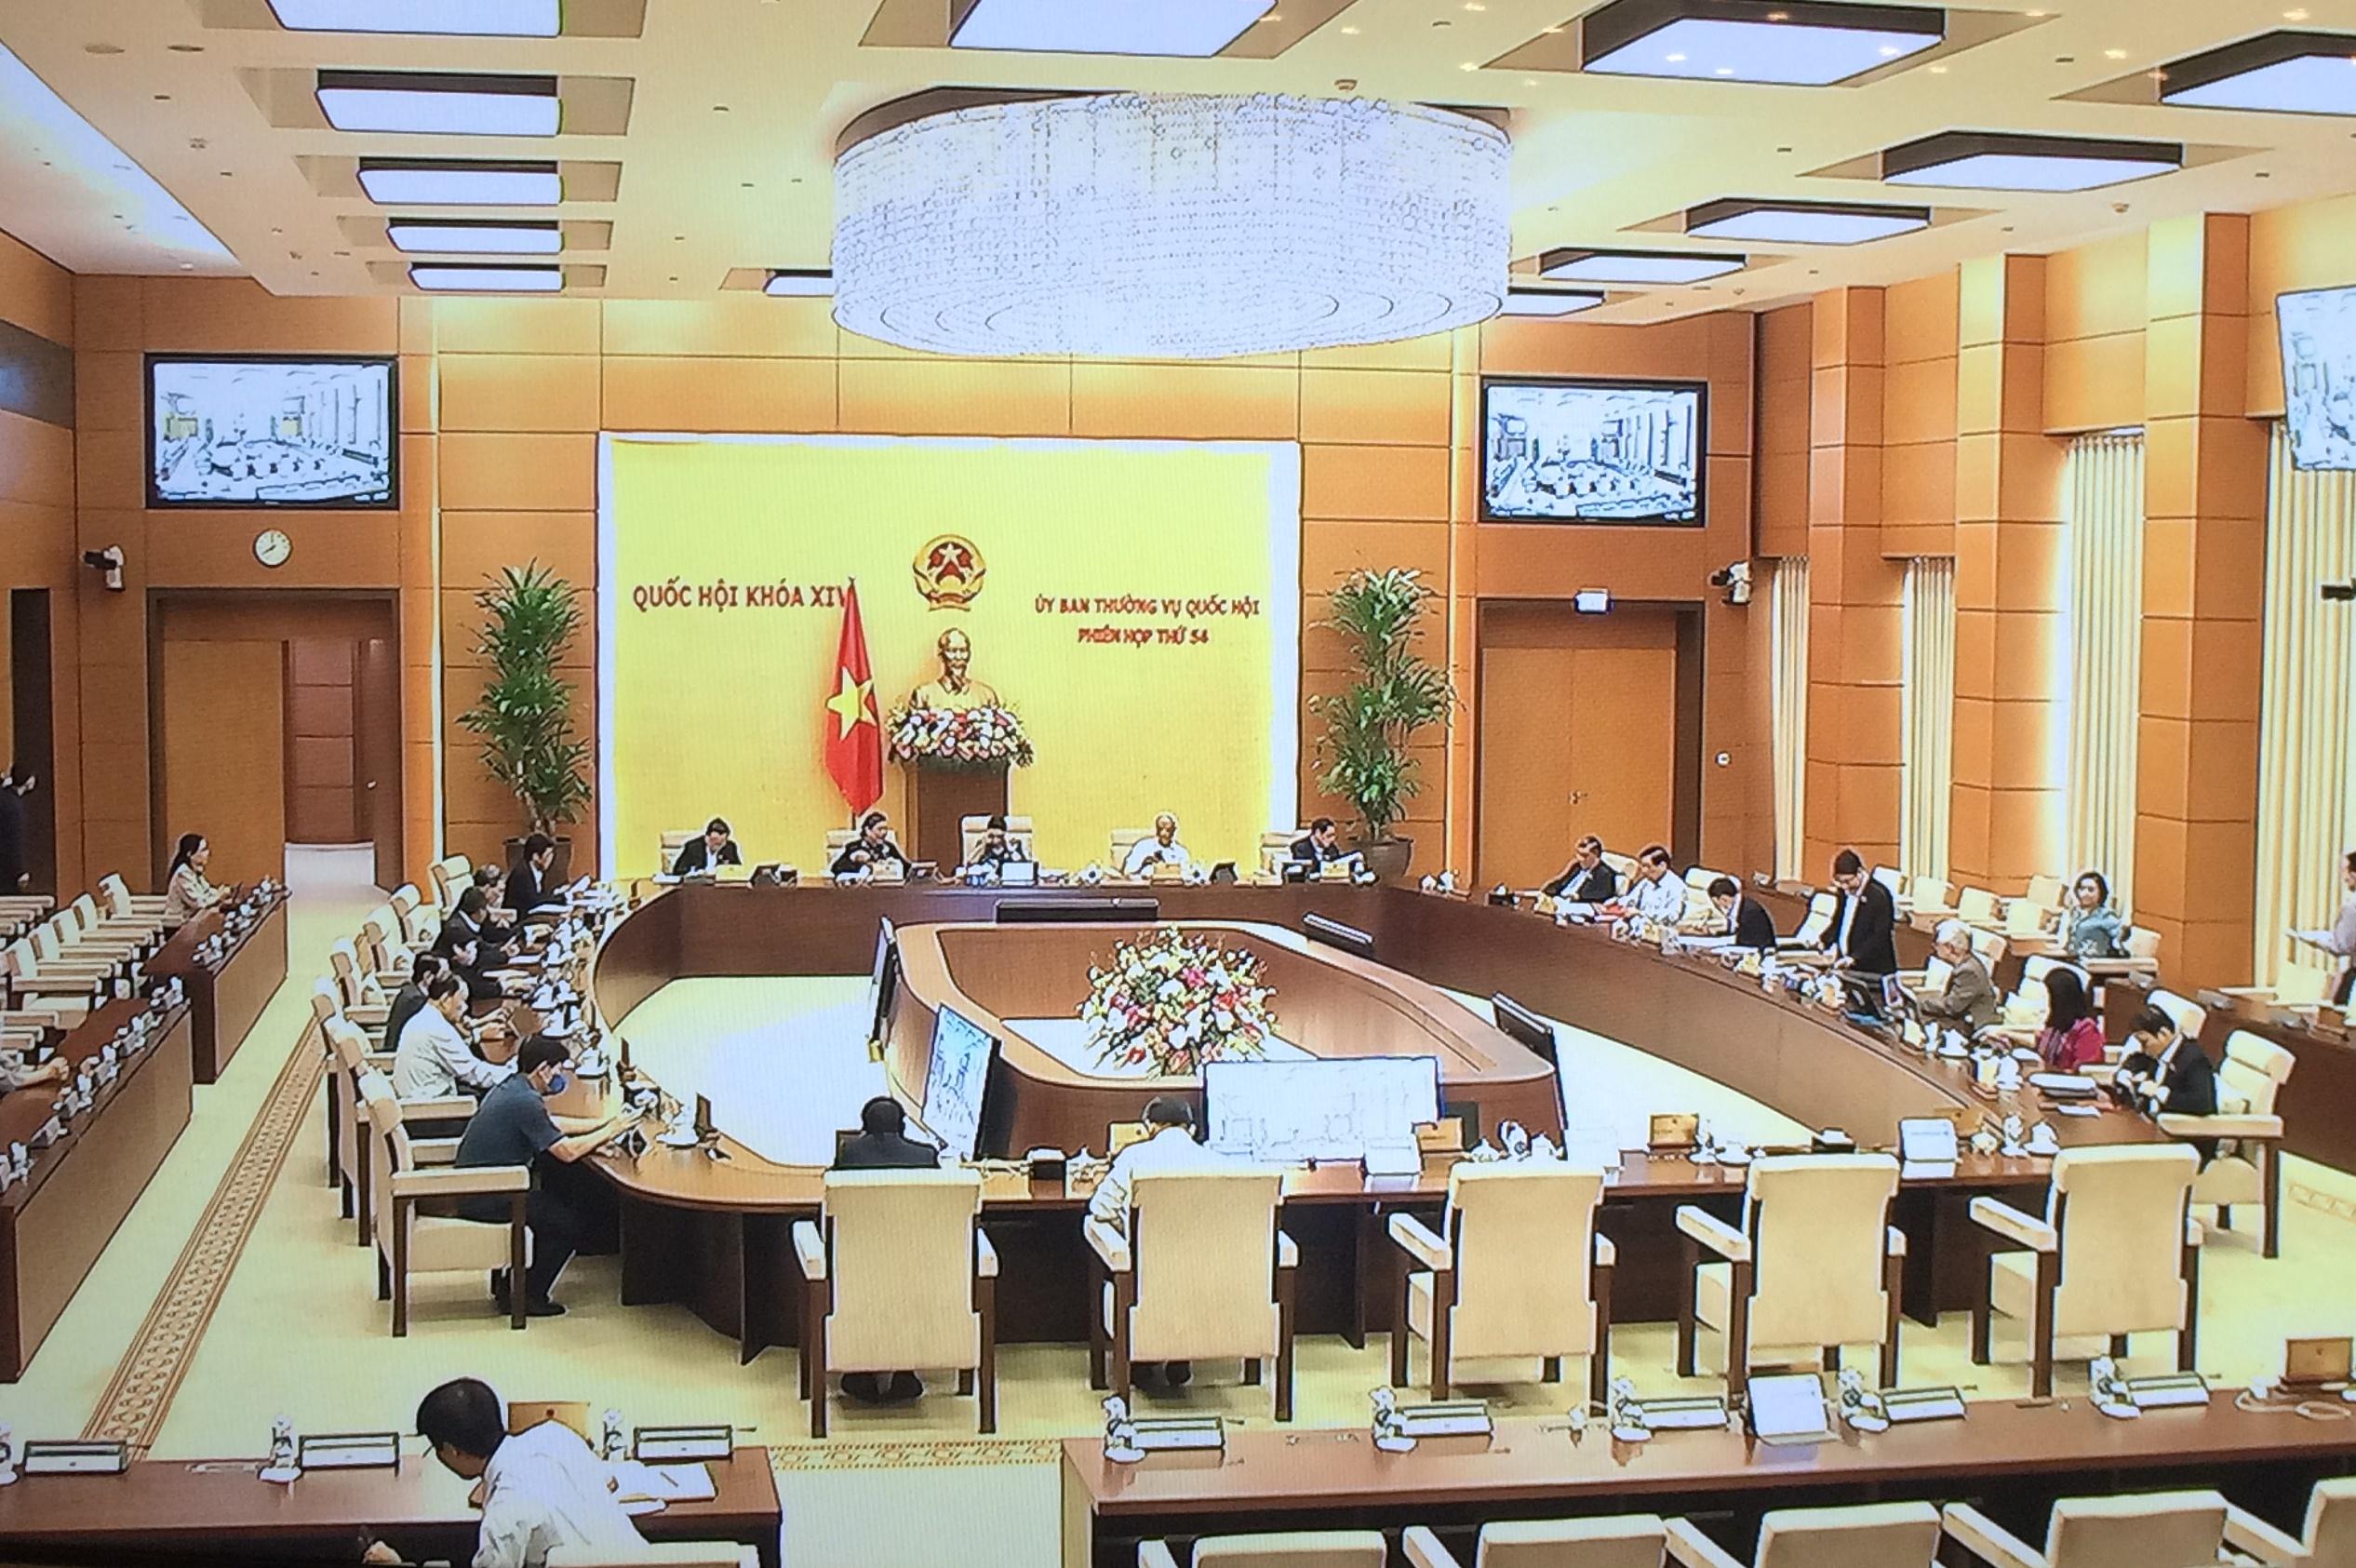 Quốc hội bầu Chủ tịch Quốc hội, Chủ tịch nước, Thủ tướng Chính phủ tại kỳ họp thứ 11 - Ảnh 1